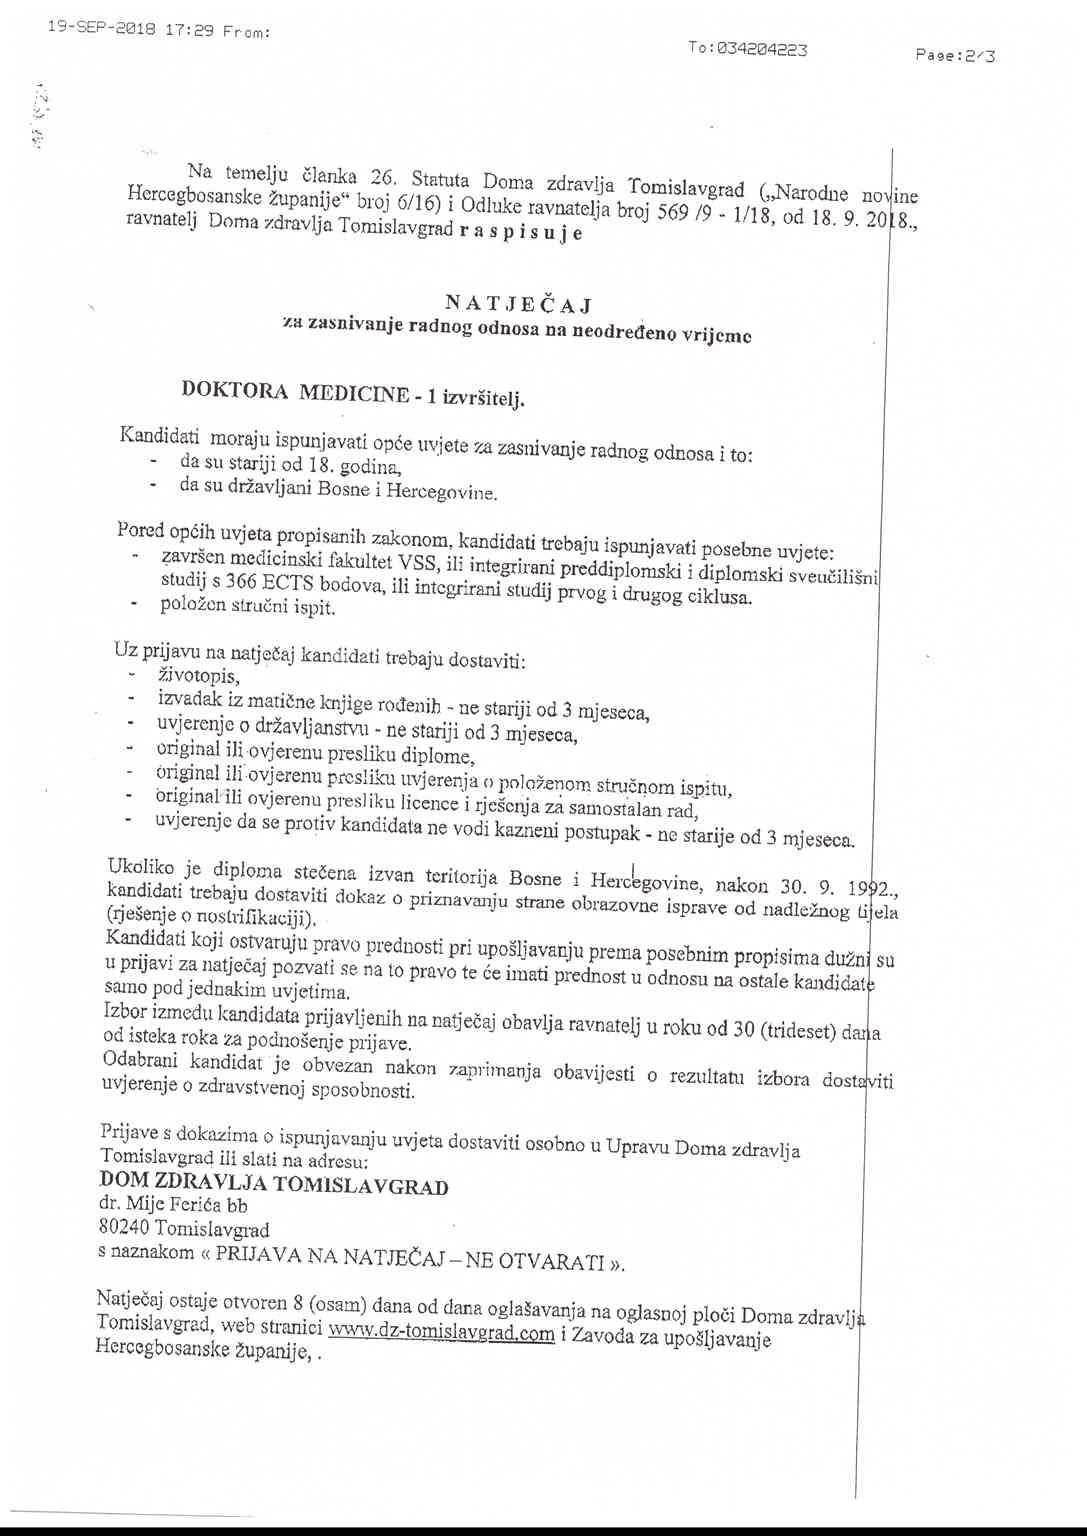 Doktor medicine - Dom zdravlja Tomislavgrad